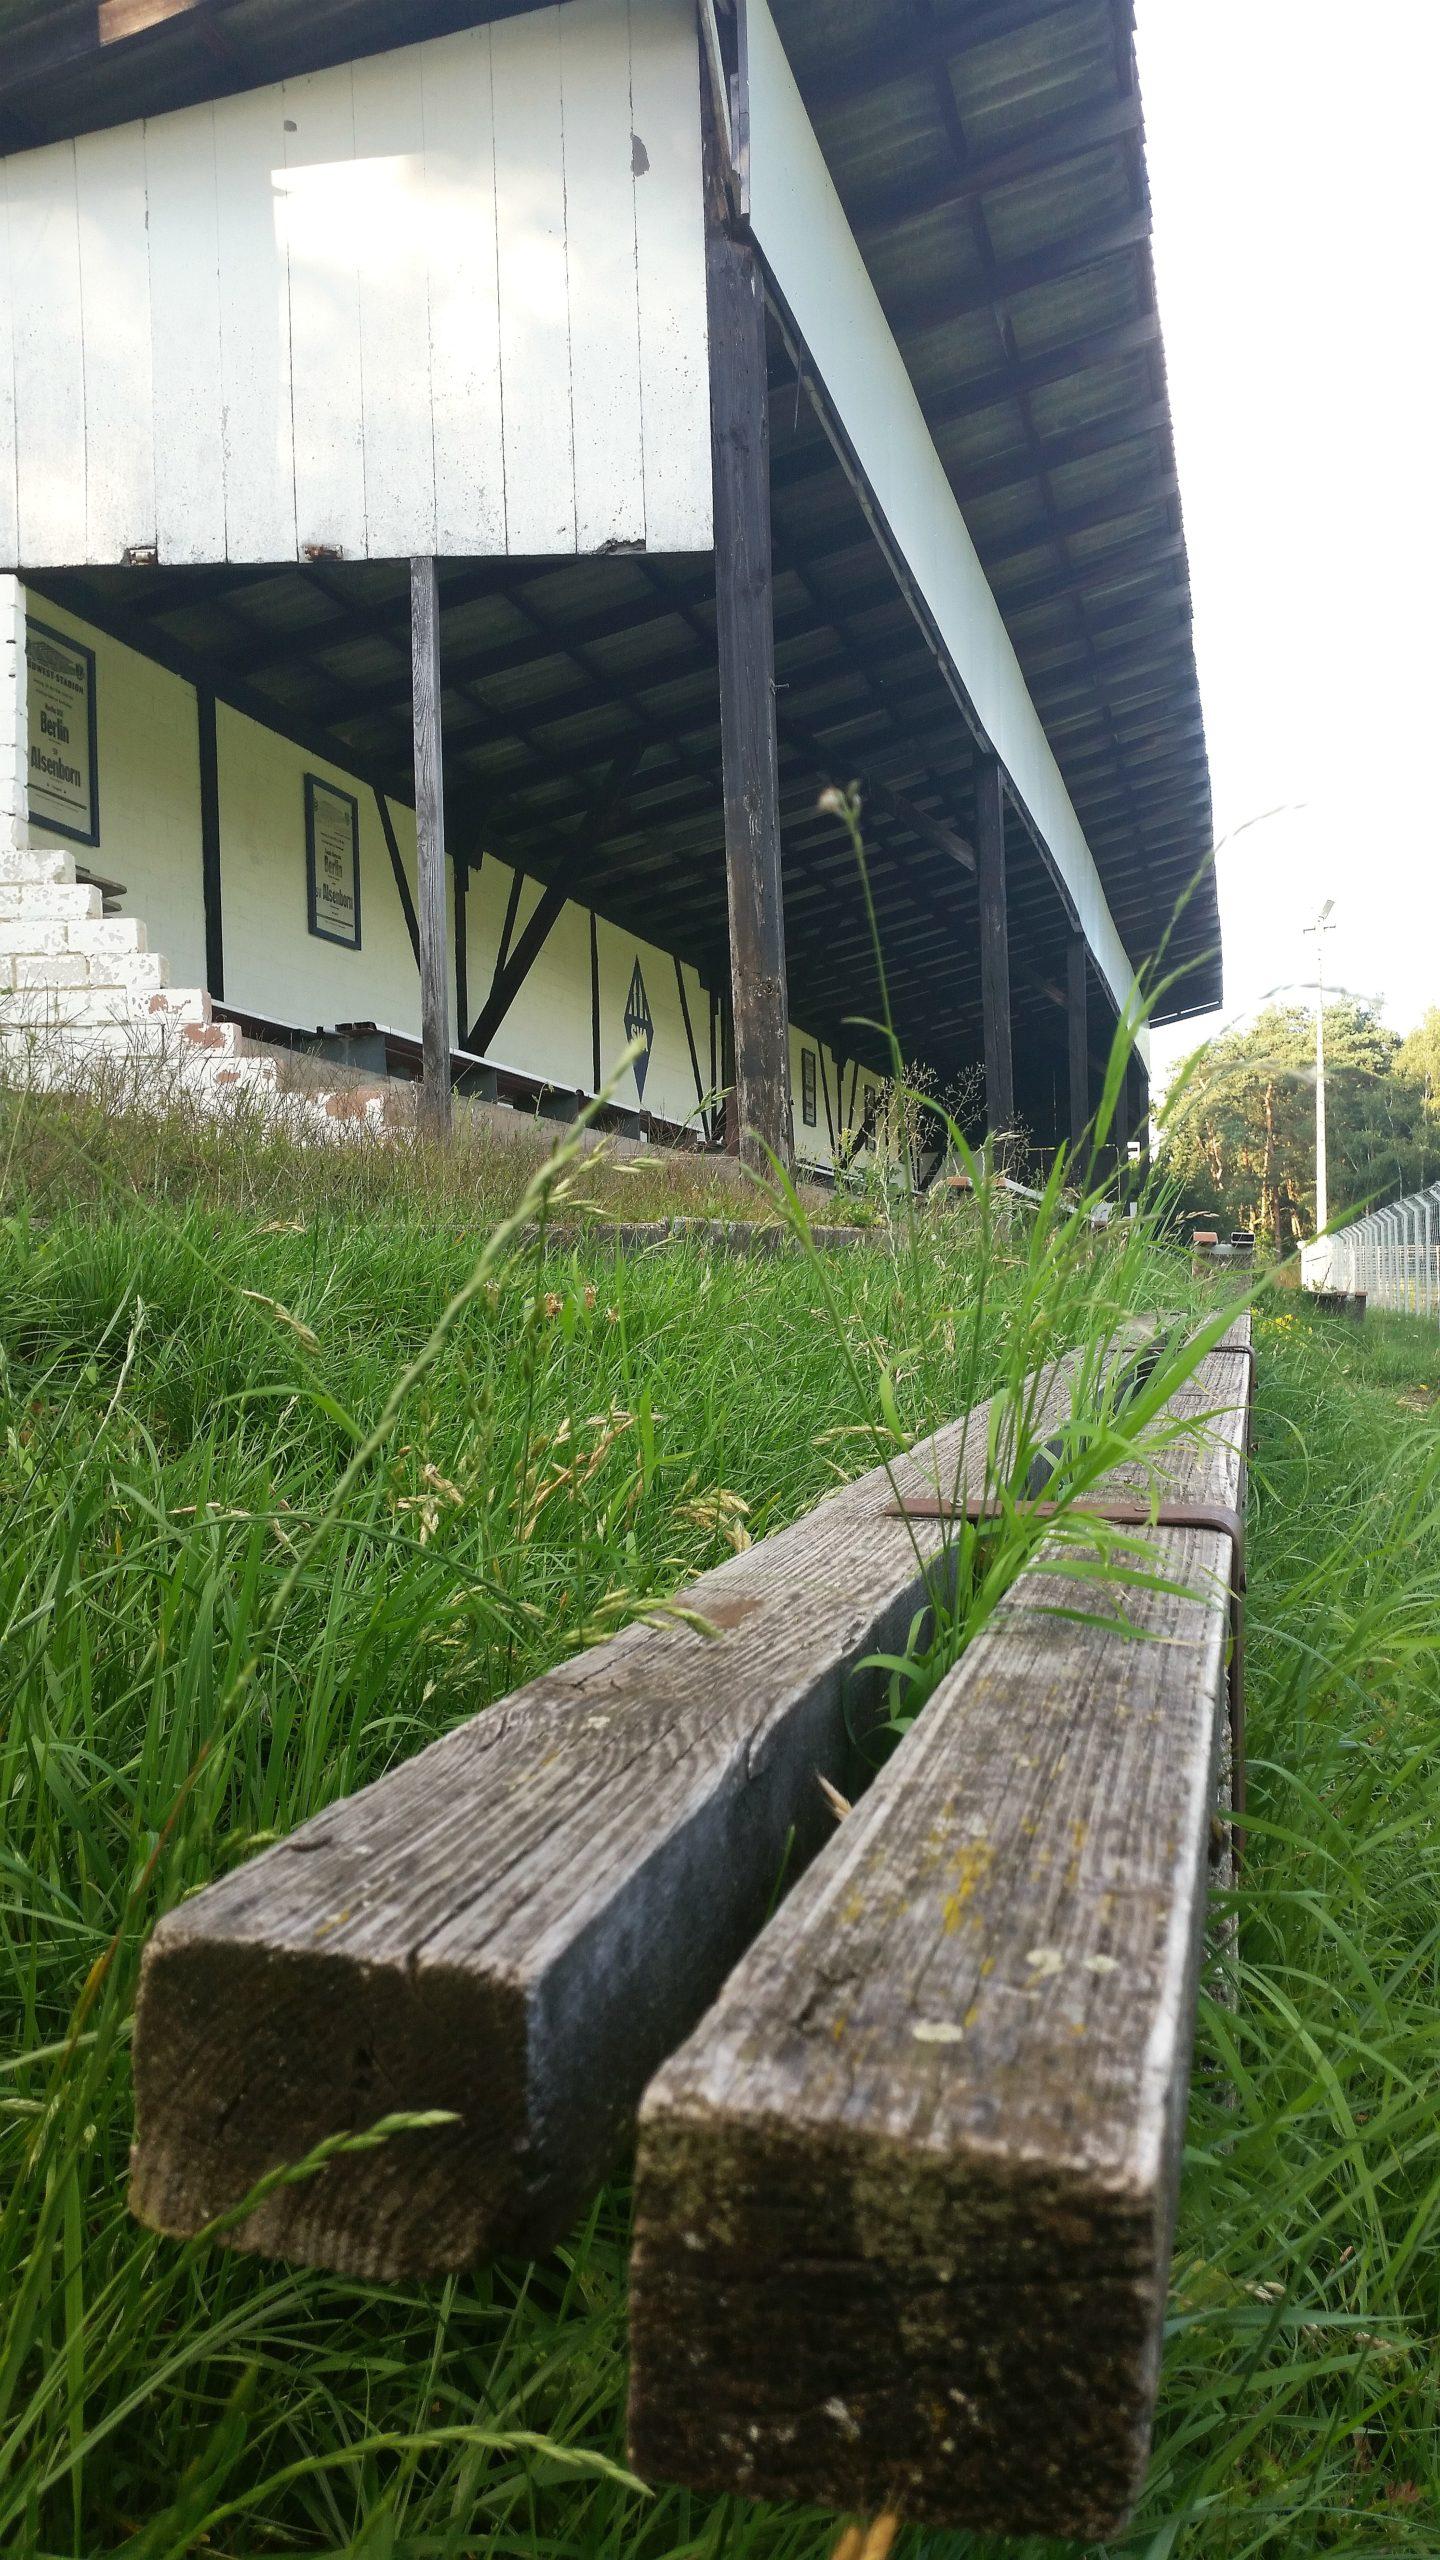 Die alte Holztribüne in Enkenbach-Alsenborn